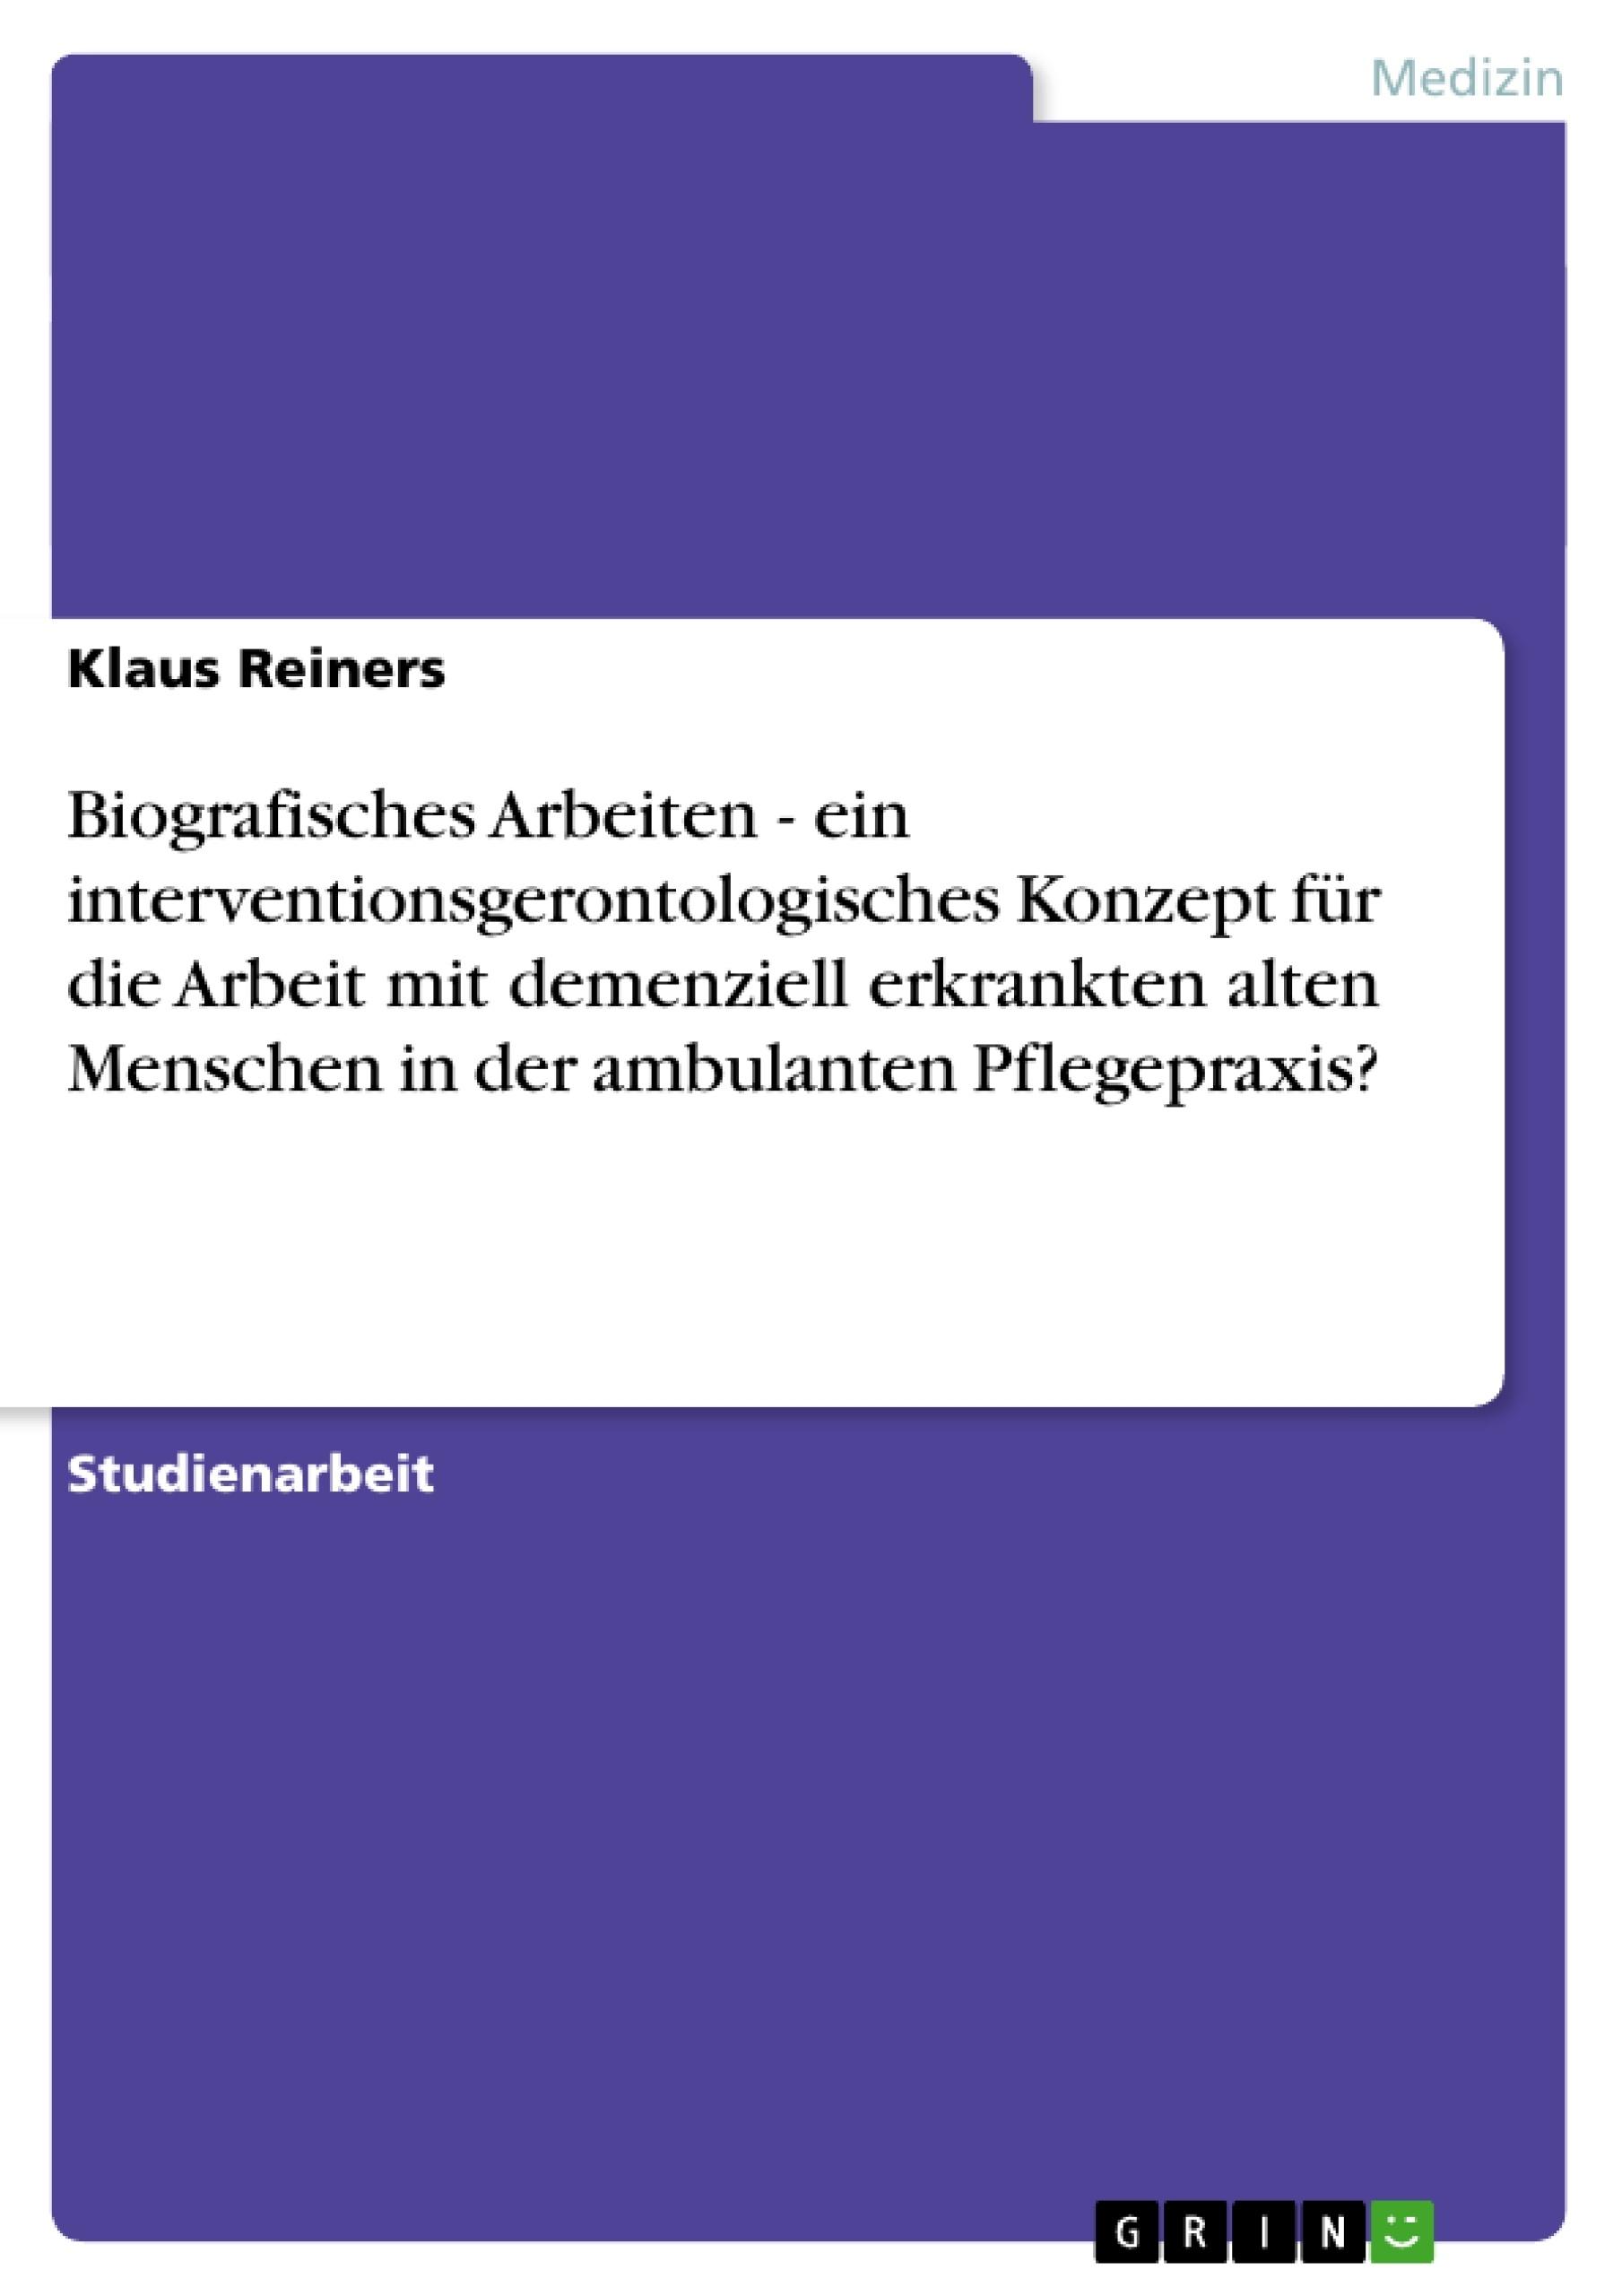 Titel: Biografisches Arbeiten - ein interventionsgerontologisches Konzept für die Arbeit mit demenziell erkrankten alten Menschen in der ambulanten Pflegepraxis?